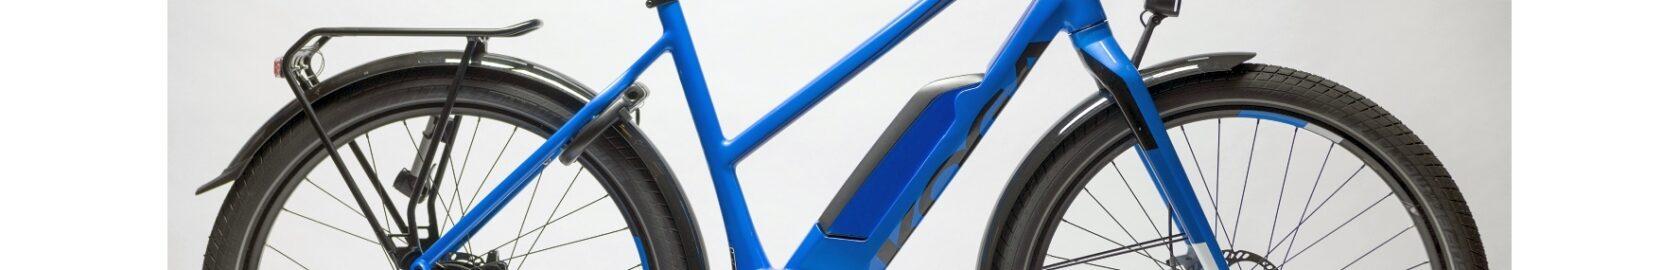 Hoe kies je een elektrische fiets die bij jou past?